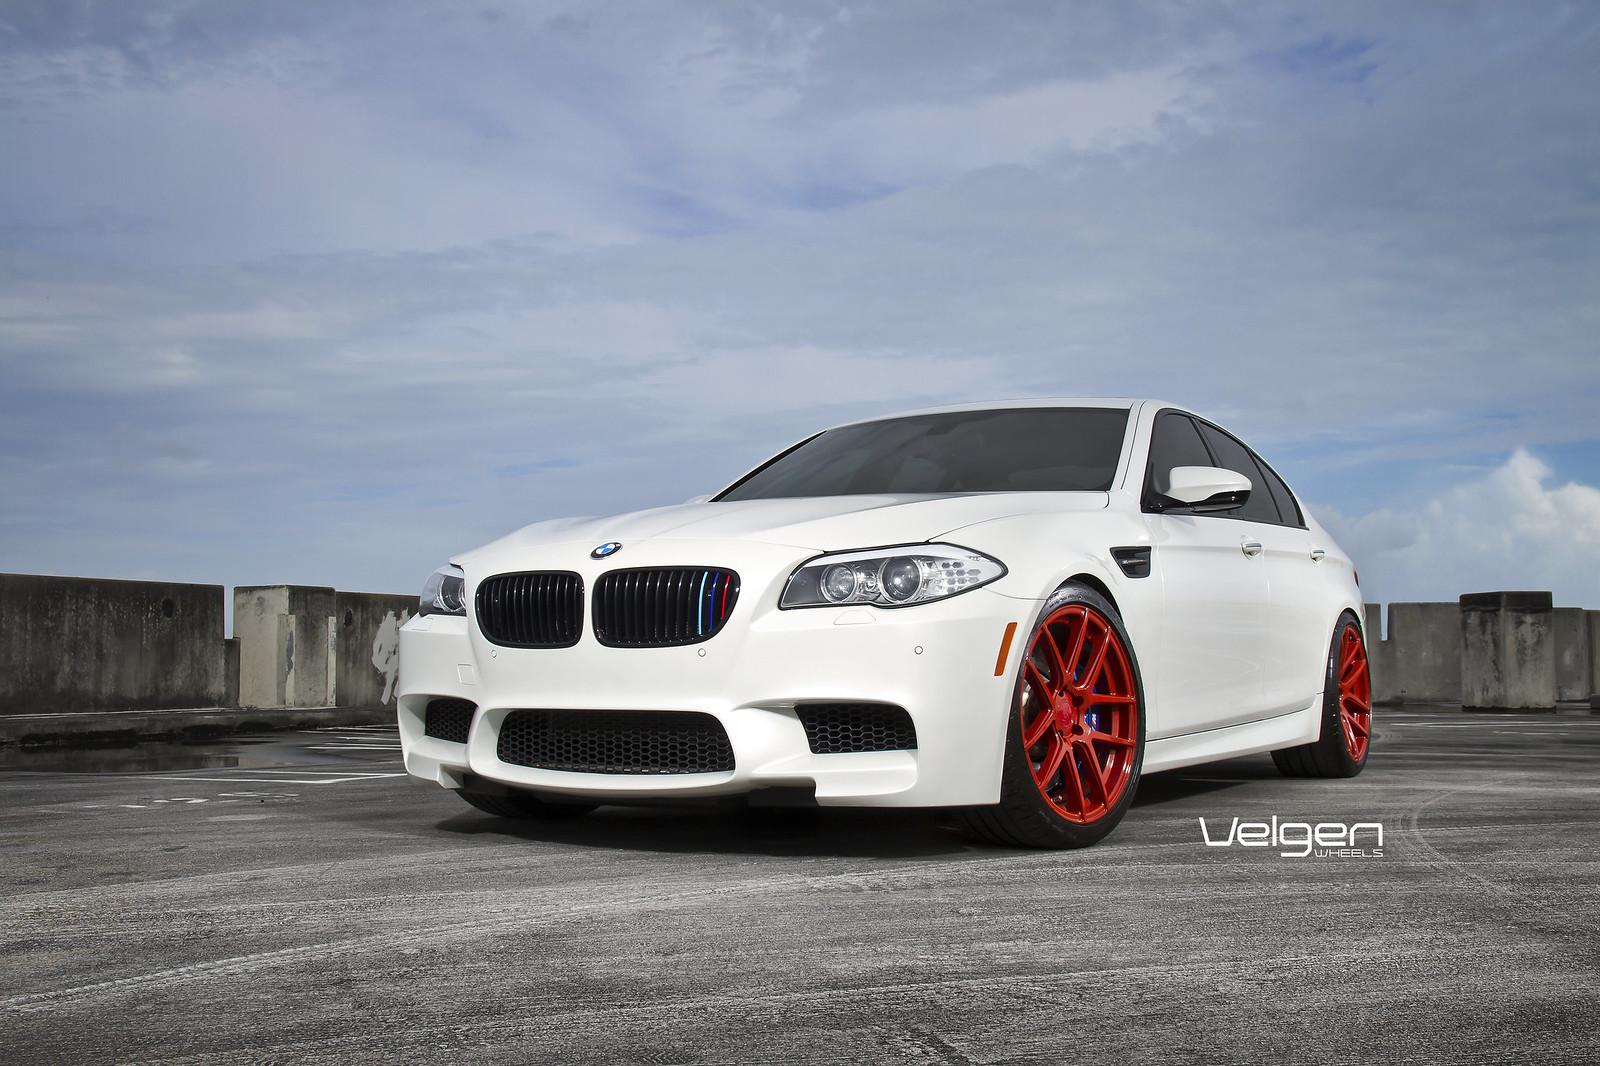 Fonkelnieuw VELGEN WHEELS | BMW F10 | M5 IG-53